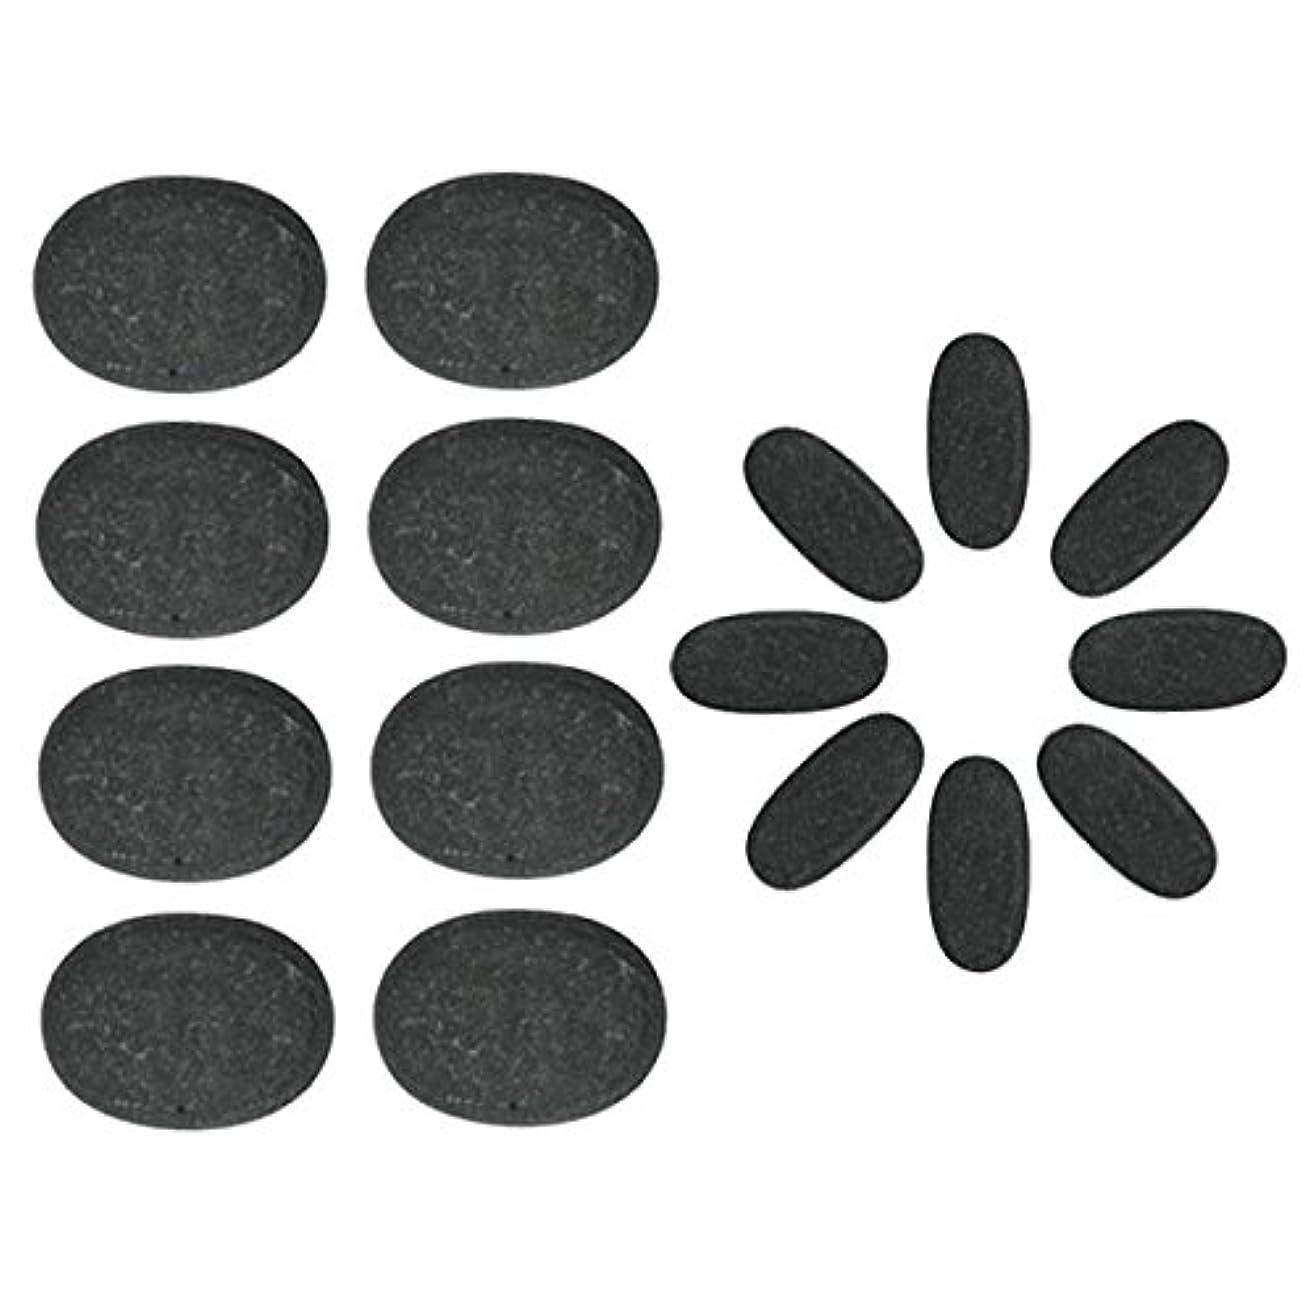 マサッチョ新鮮なセンチメートル玄武岩 ホットストーン 16個セット [ ホットストーン ホット ストーン ストーンヒーター ホットストーンセラピー セラピー 玄武岩 天然石 スパ ロミロミ ハワイ ハワイアン マッサージ ]